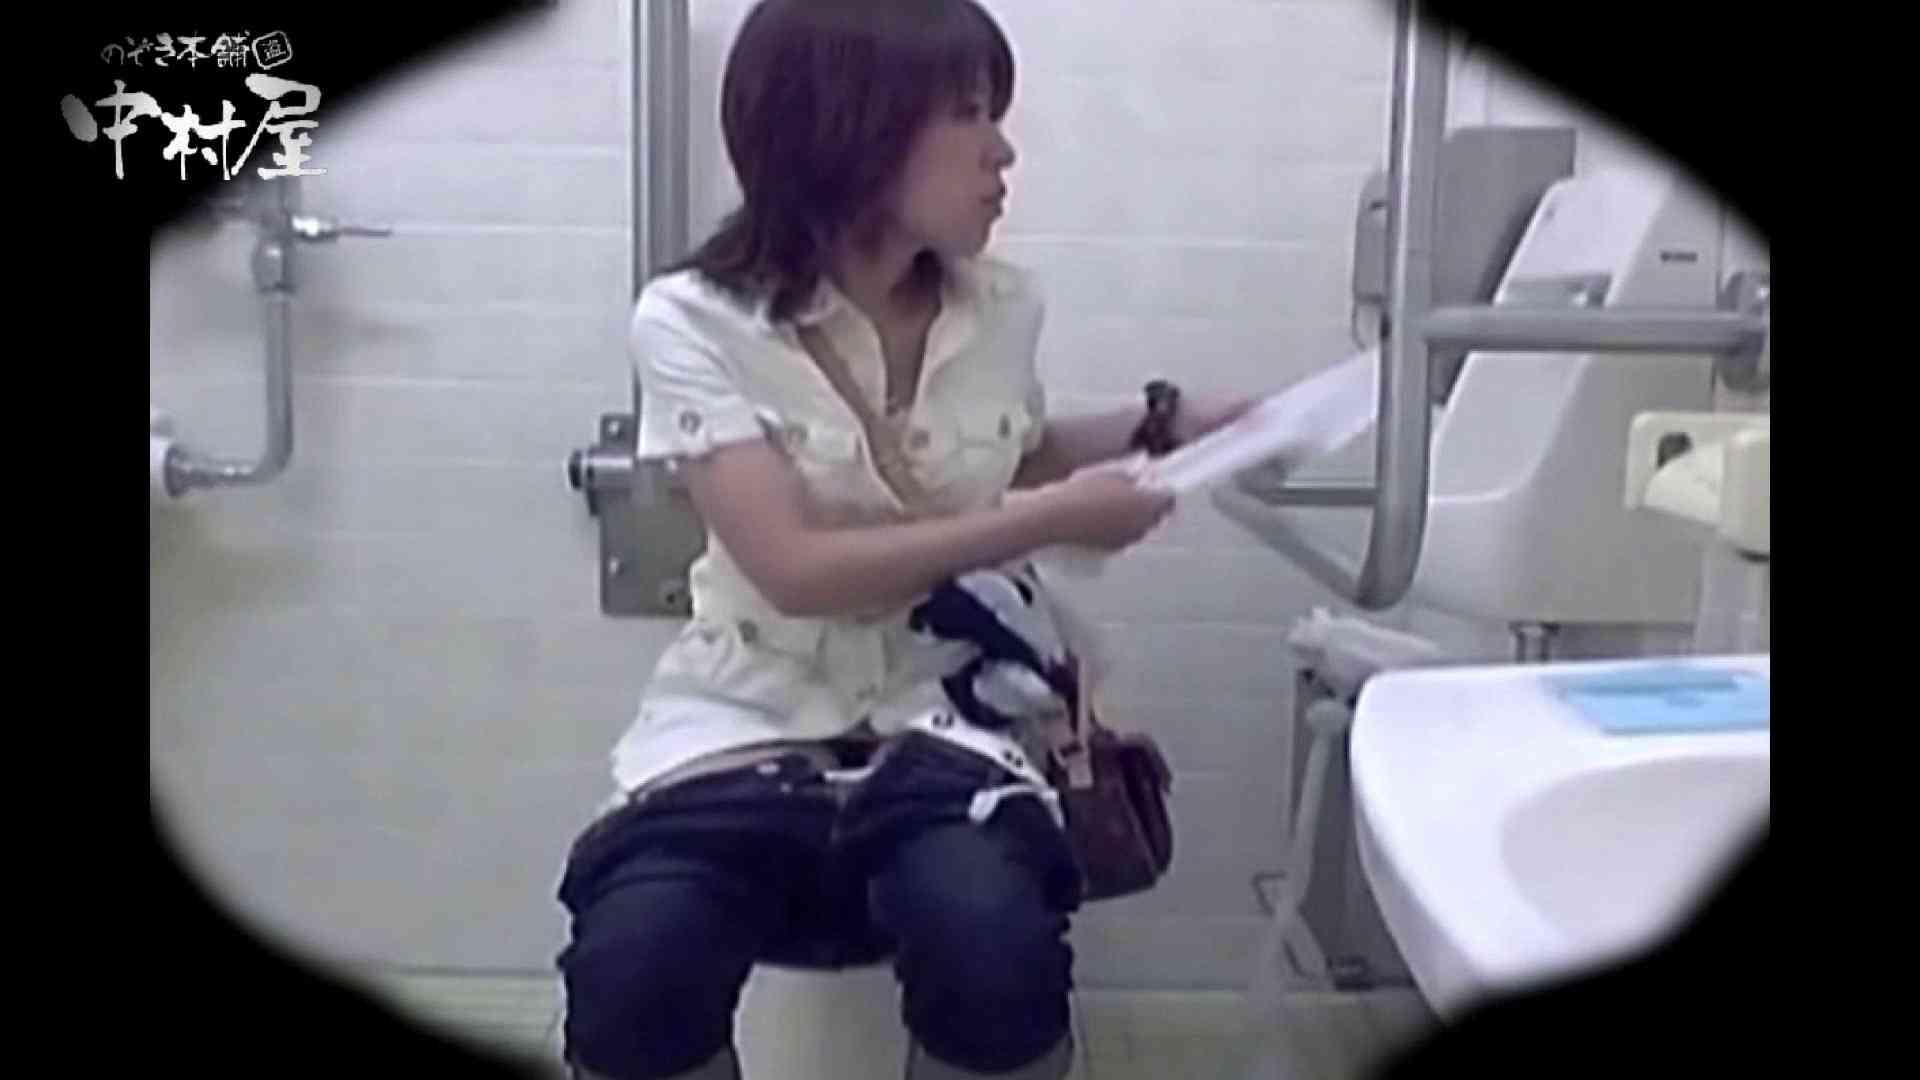 teen galトイレ覗き紙がナイ編‼vol.13 トイレ  59画像 56